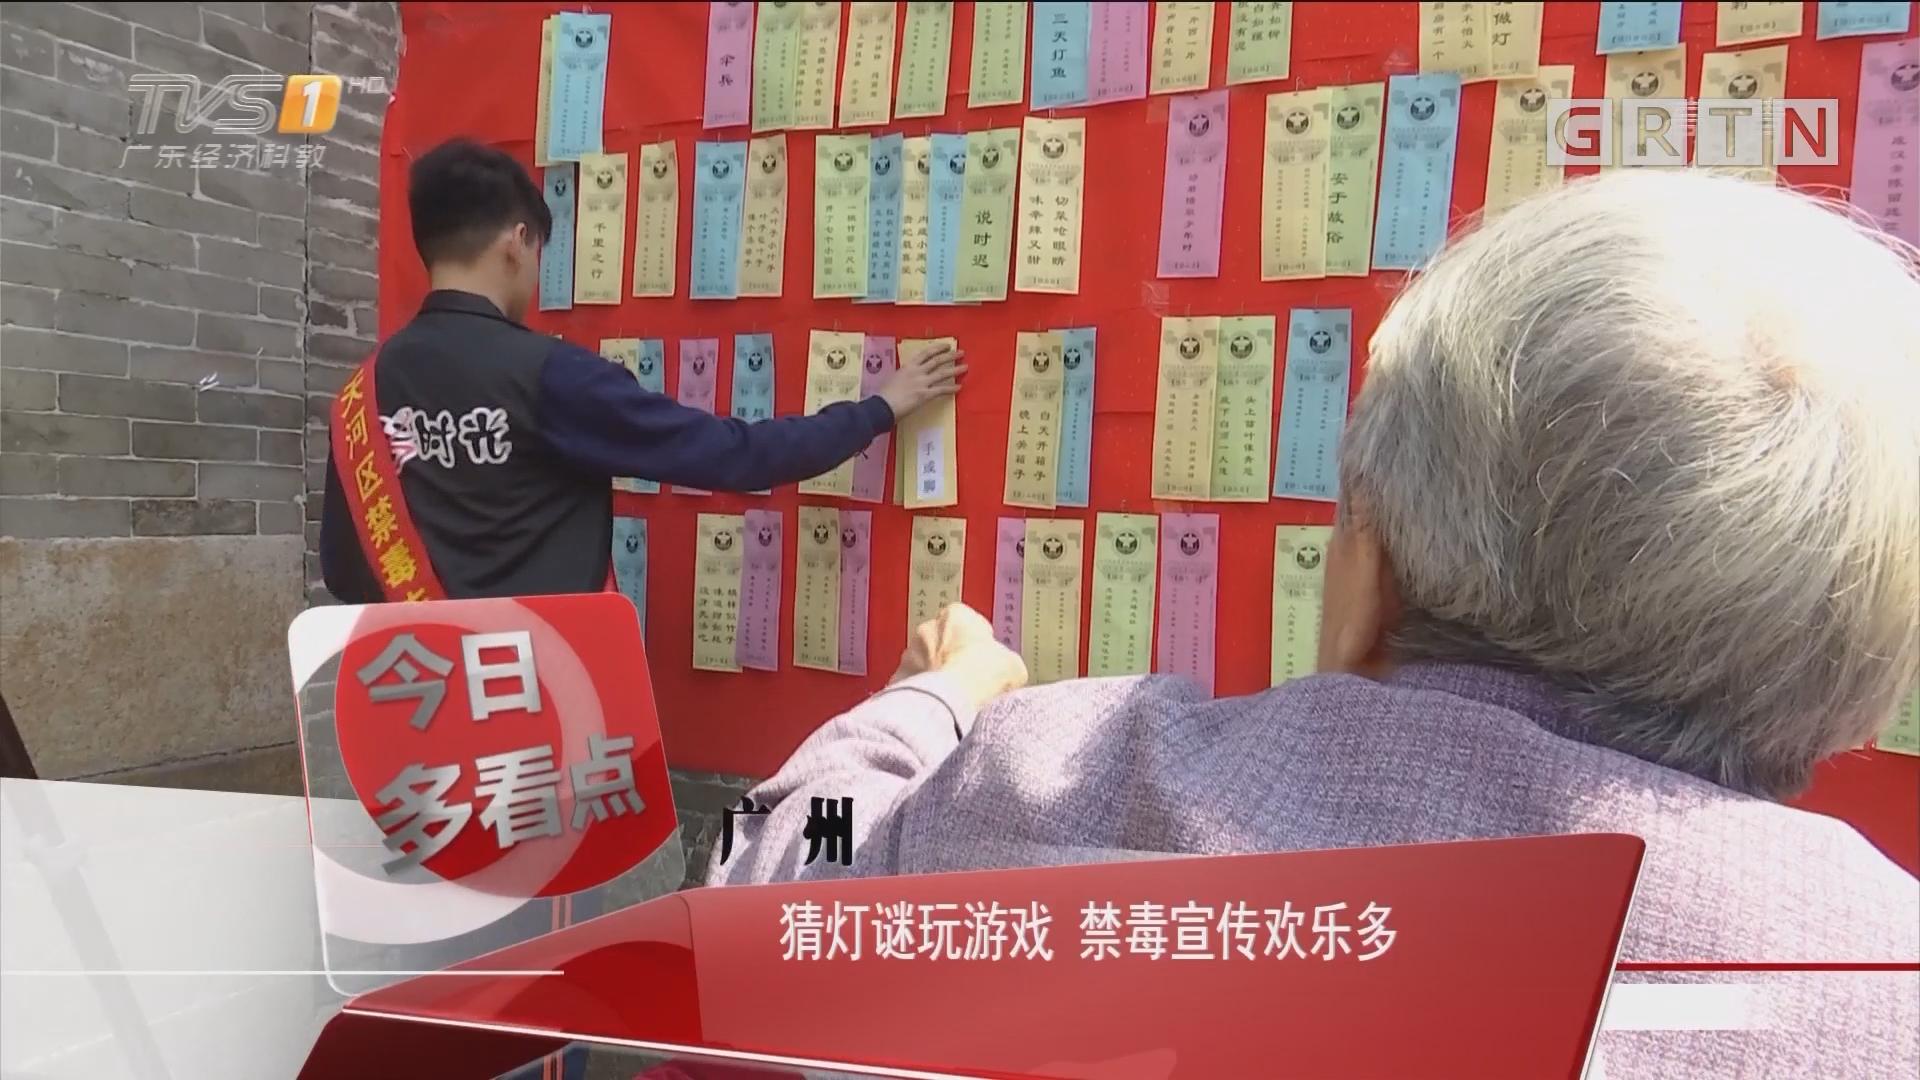 广州:猜灯谜玩游戏 禁毒宣传欢乐多